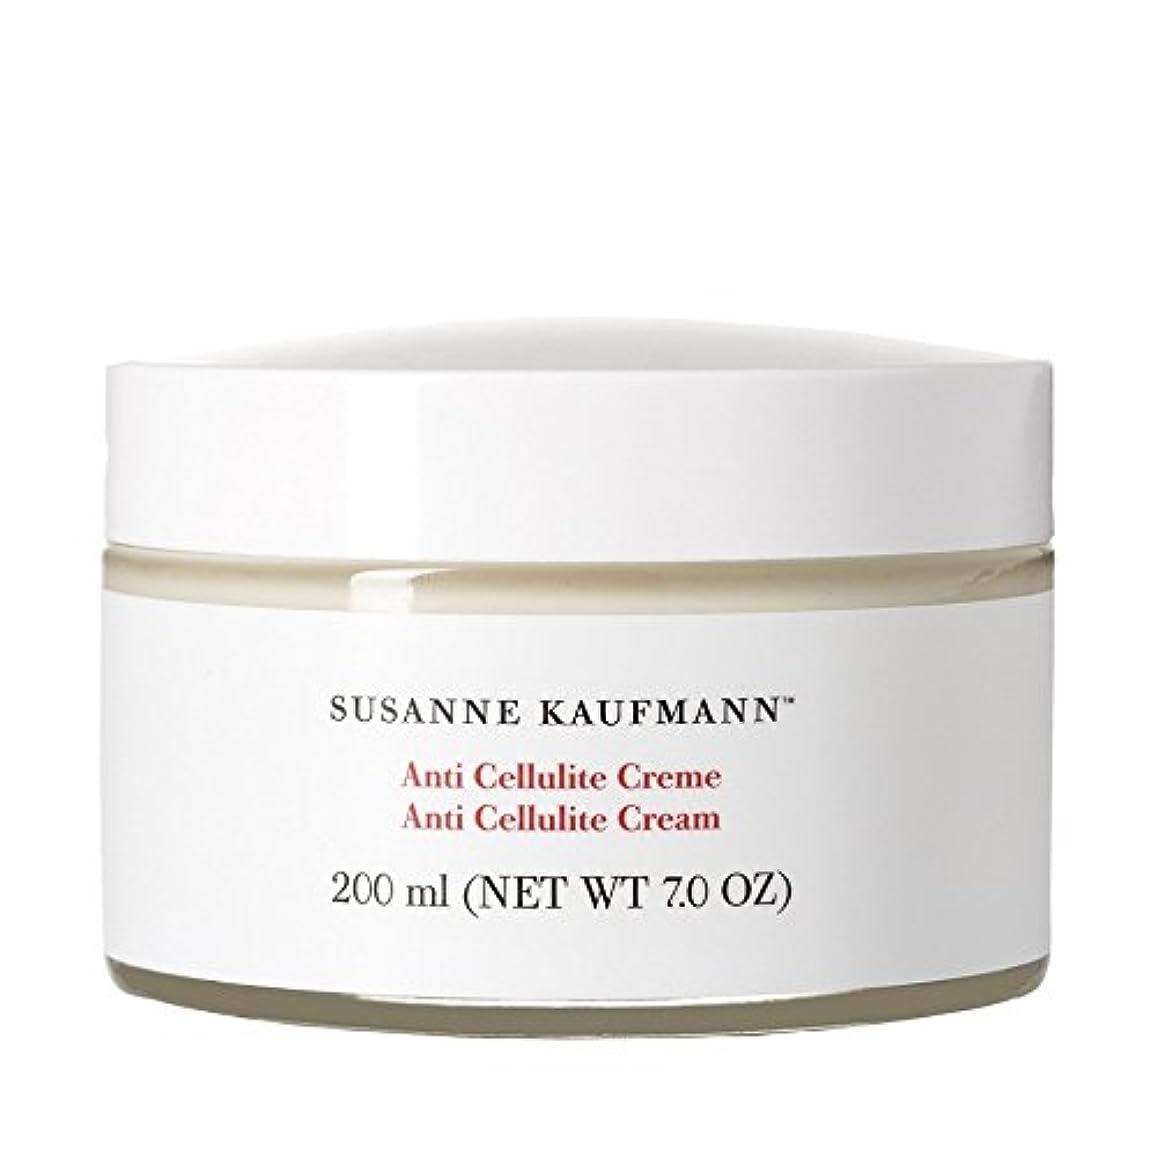 キャリアぜいたくタンカースザンヌカウフマン抗セルライトクリーム200ミリリットル x2 - Susanne Kaufmann Anti Cellulite Cream 200ml (Pack of 2) [並行輸入品]